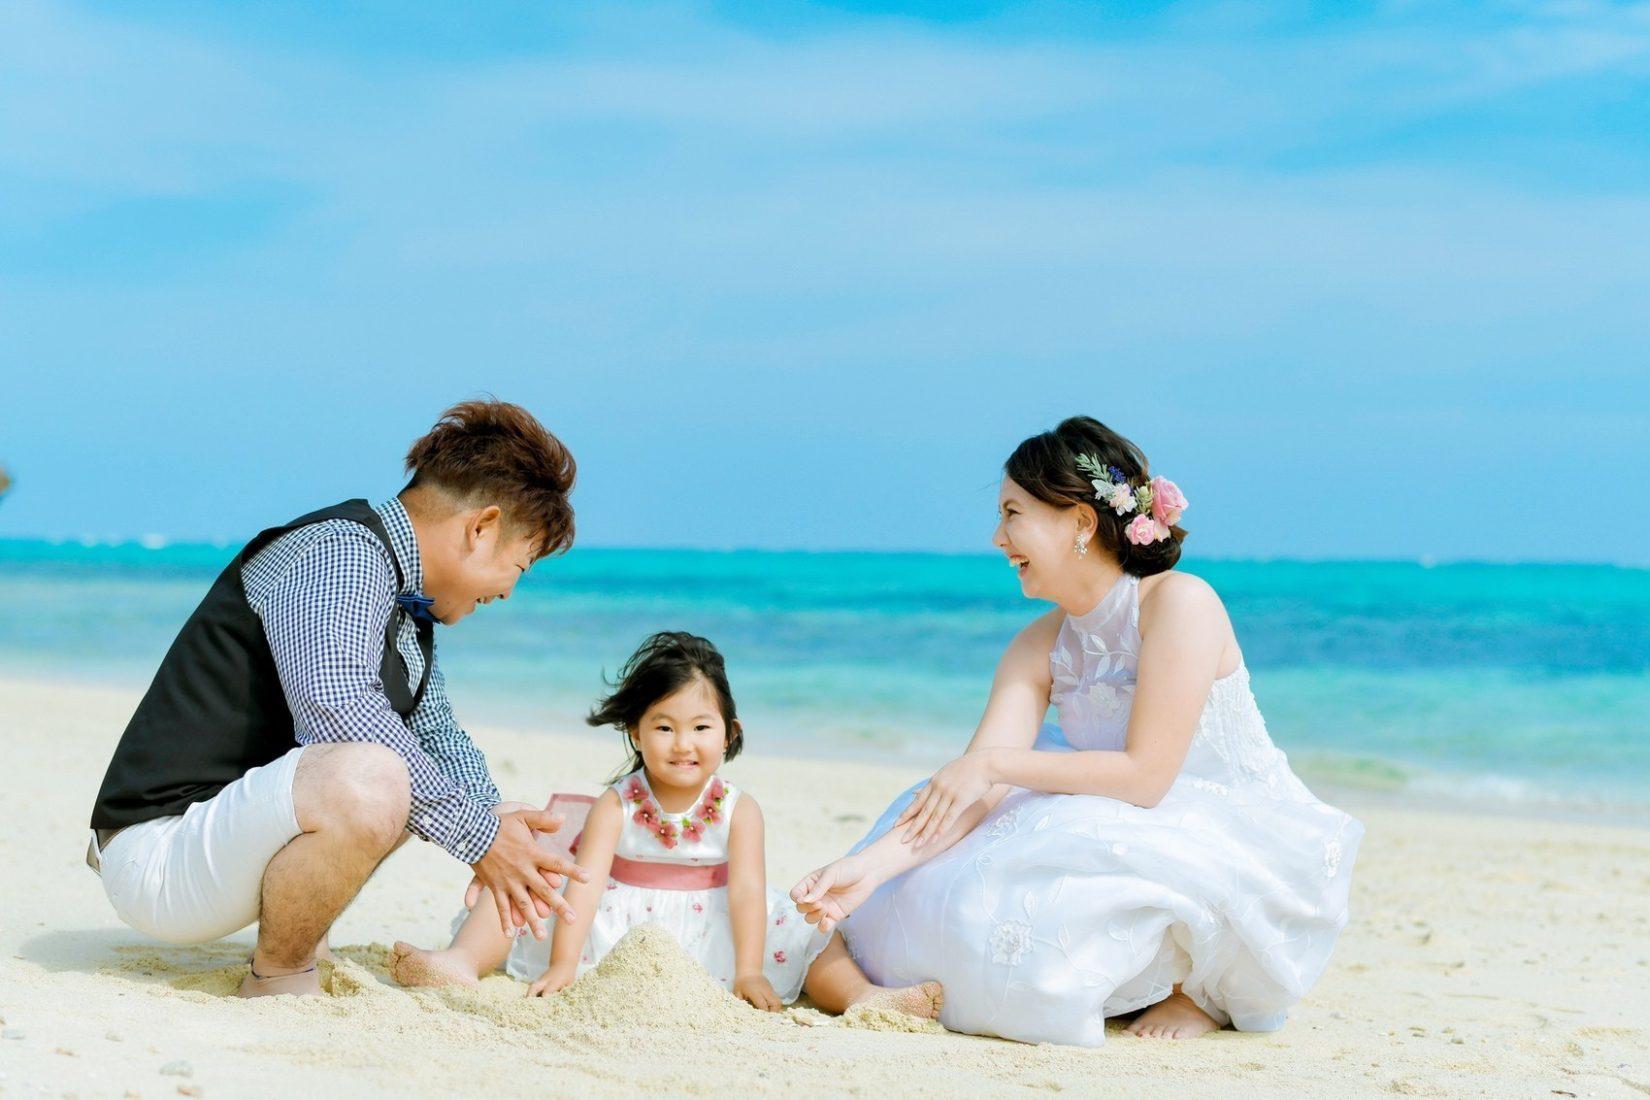 【レポ#10】K&F様ファミリーは石垣島南部で1日フォトツアー 👨👩👧